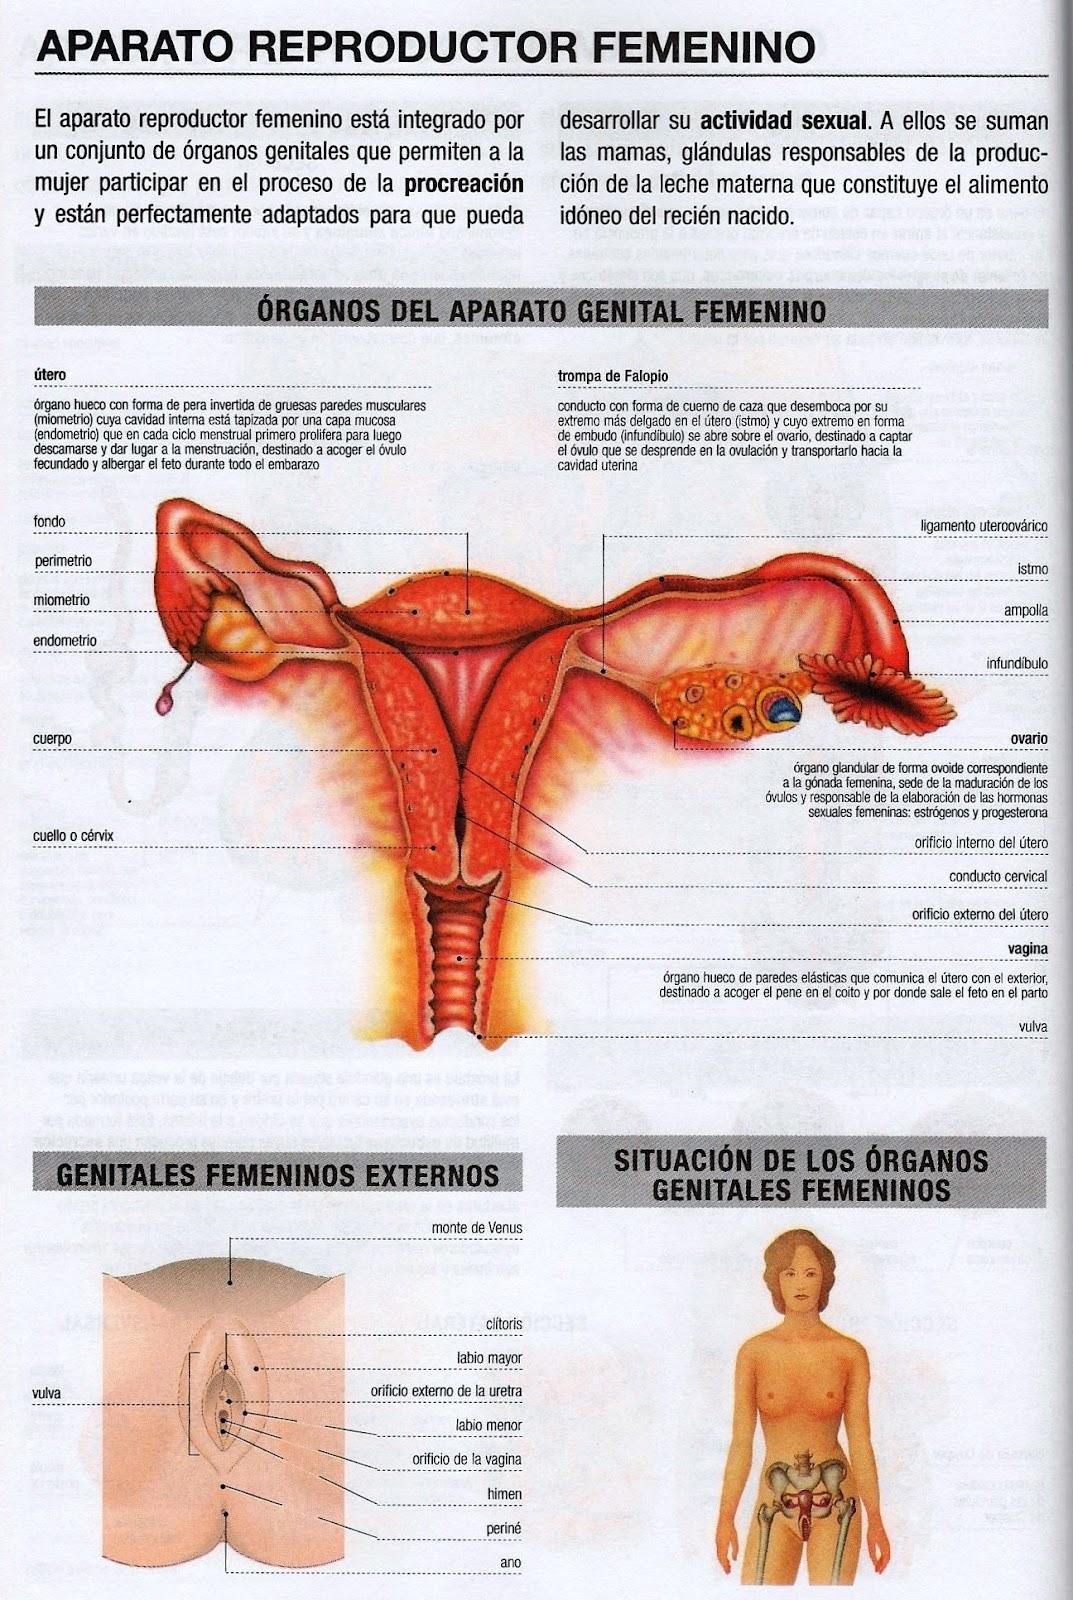 ANATOMIA. APARATO REPRODUCTOR MASCULINO Y FEMENINO. PERCY ZAPATA MENDO.